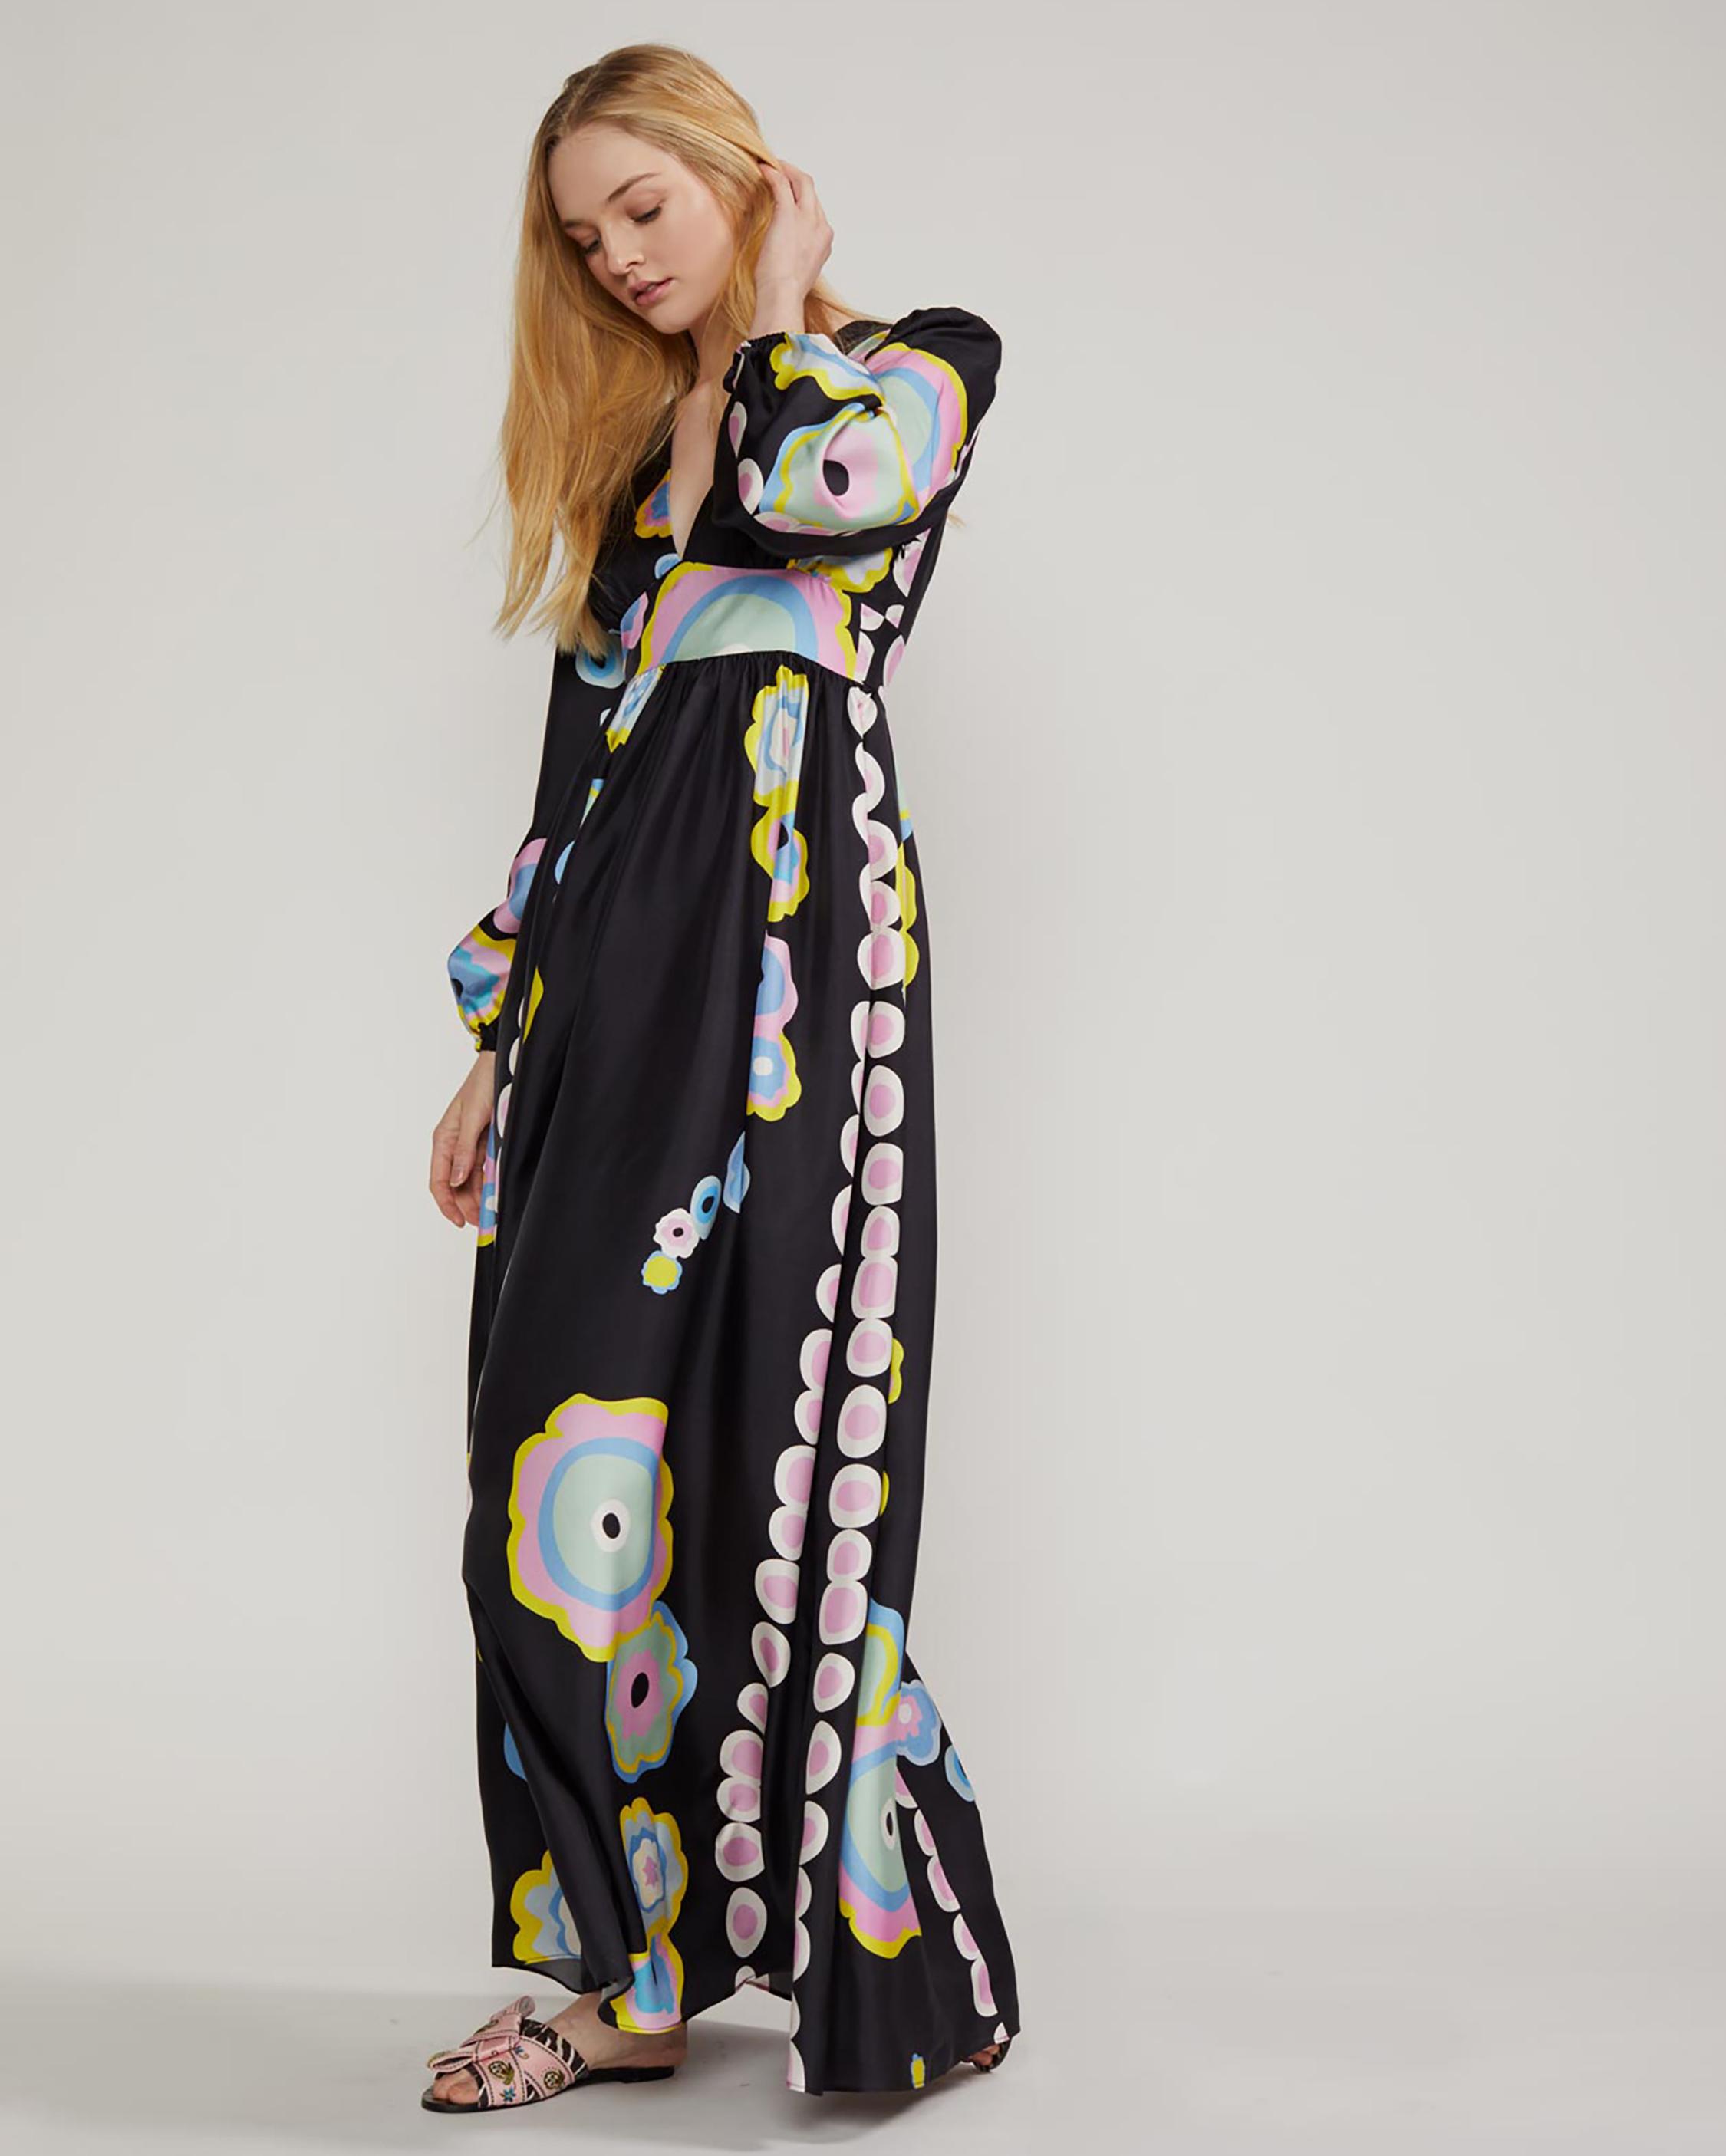 Cynthia Rowley Genevieve V Neck Maxi Dress 4